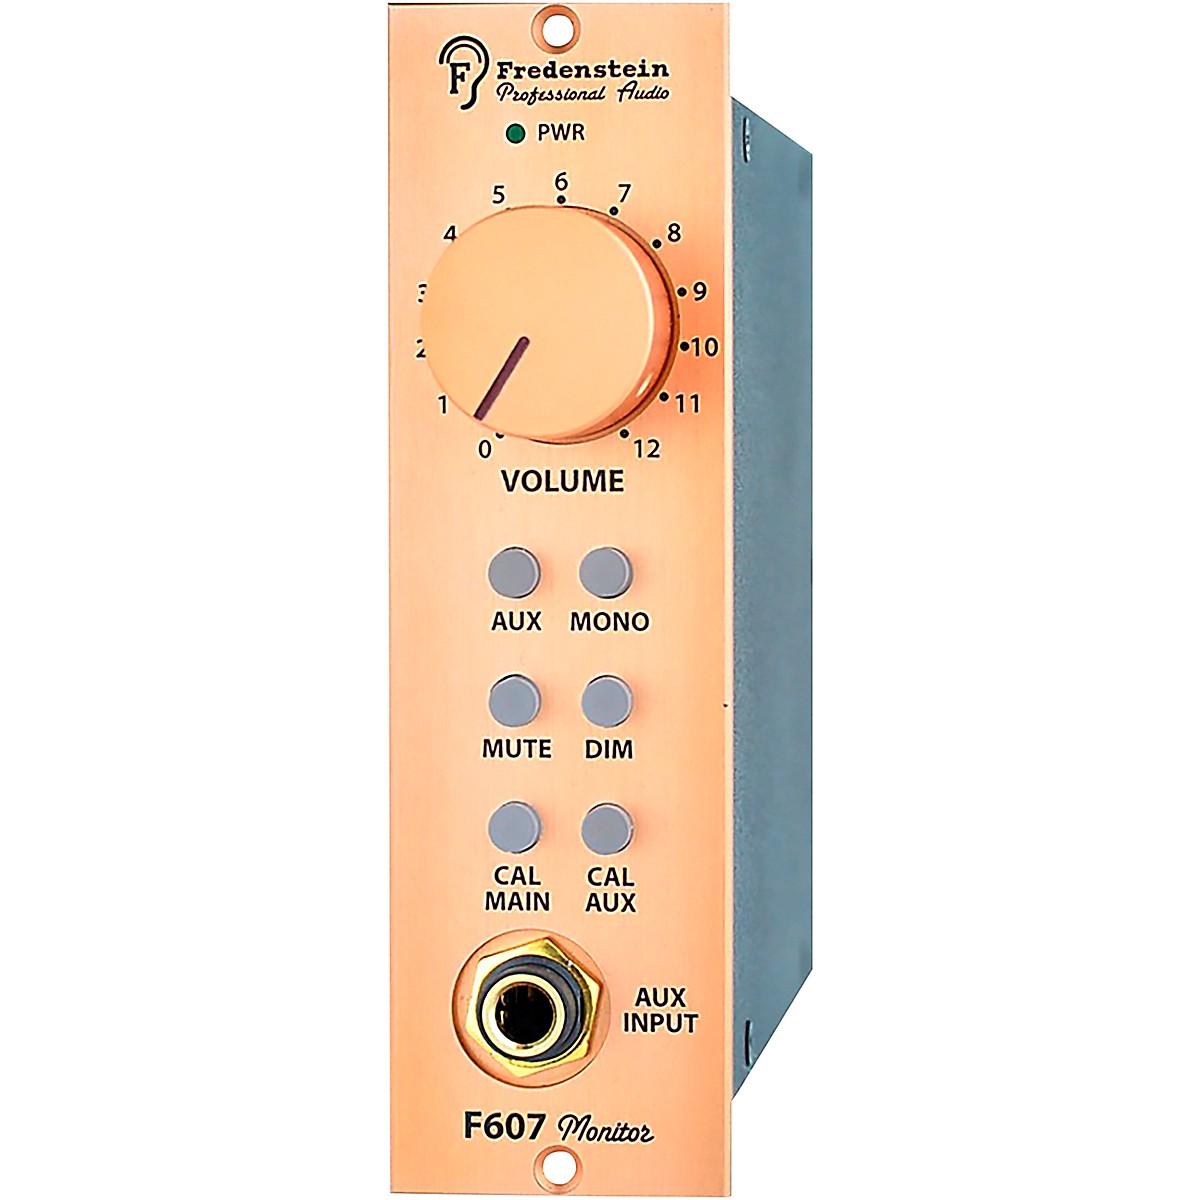 Fredenstein Professional Audio F607 Monitor